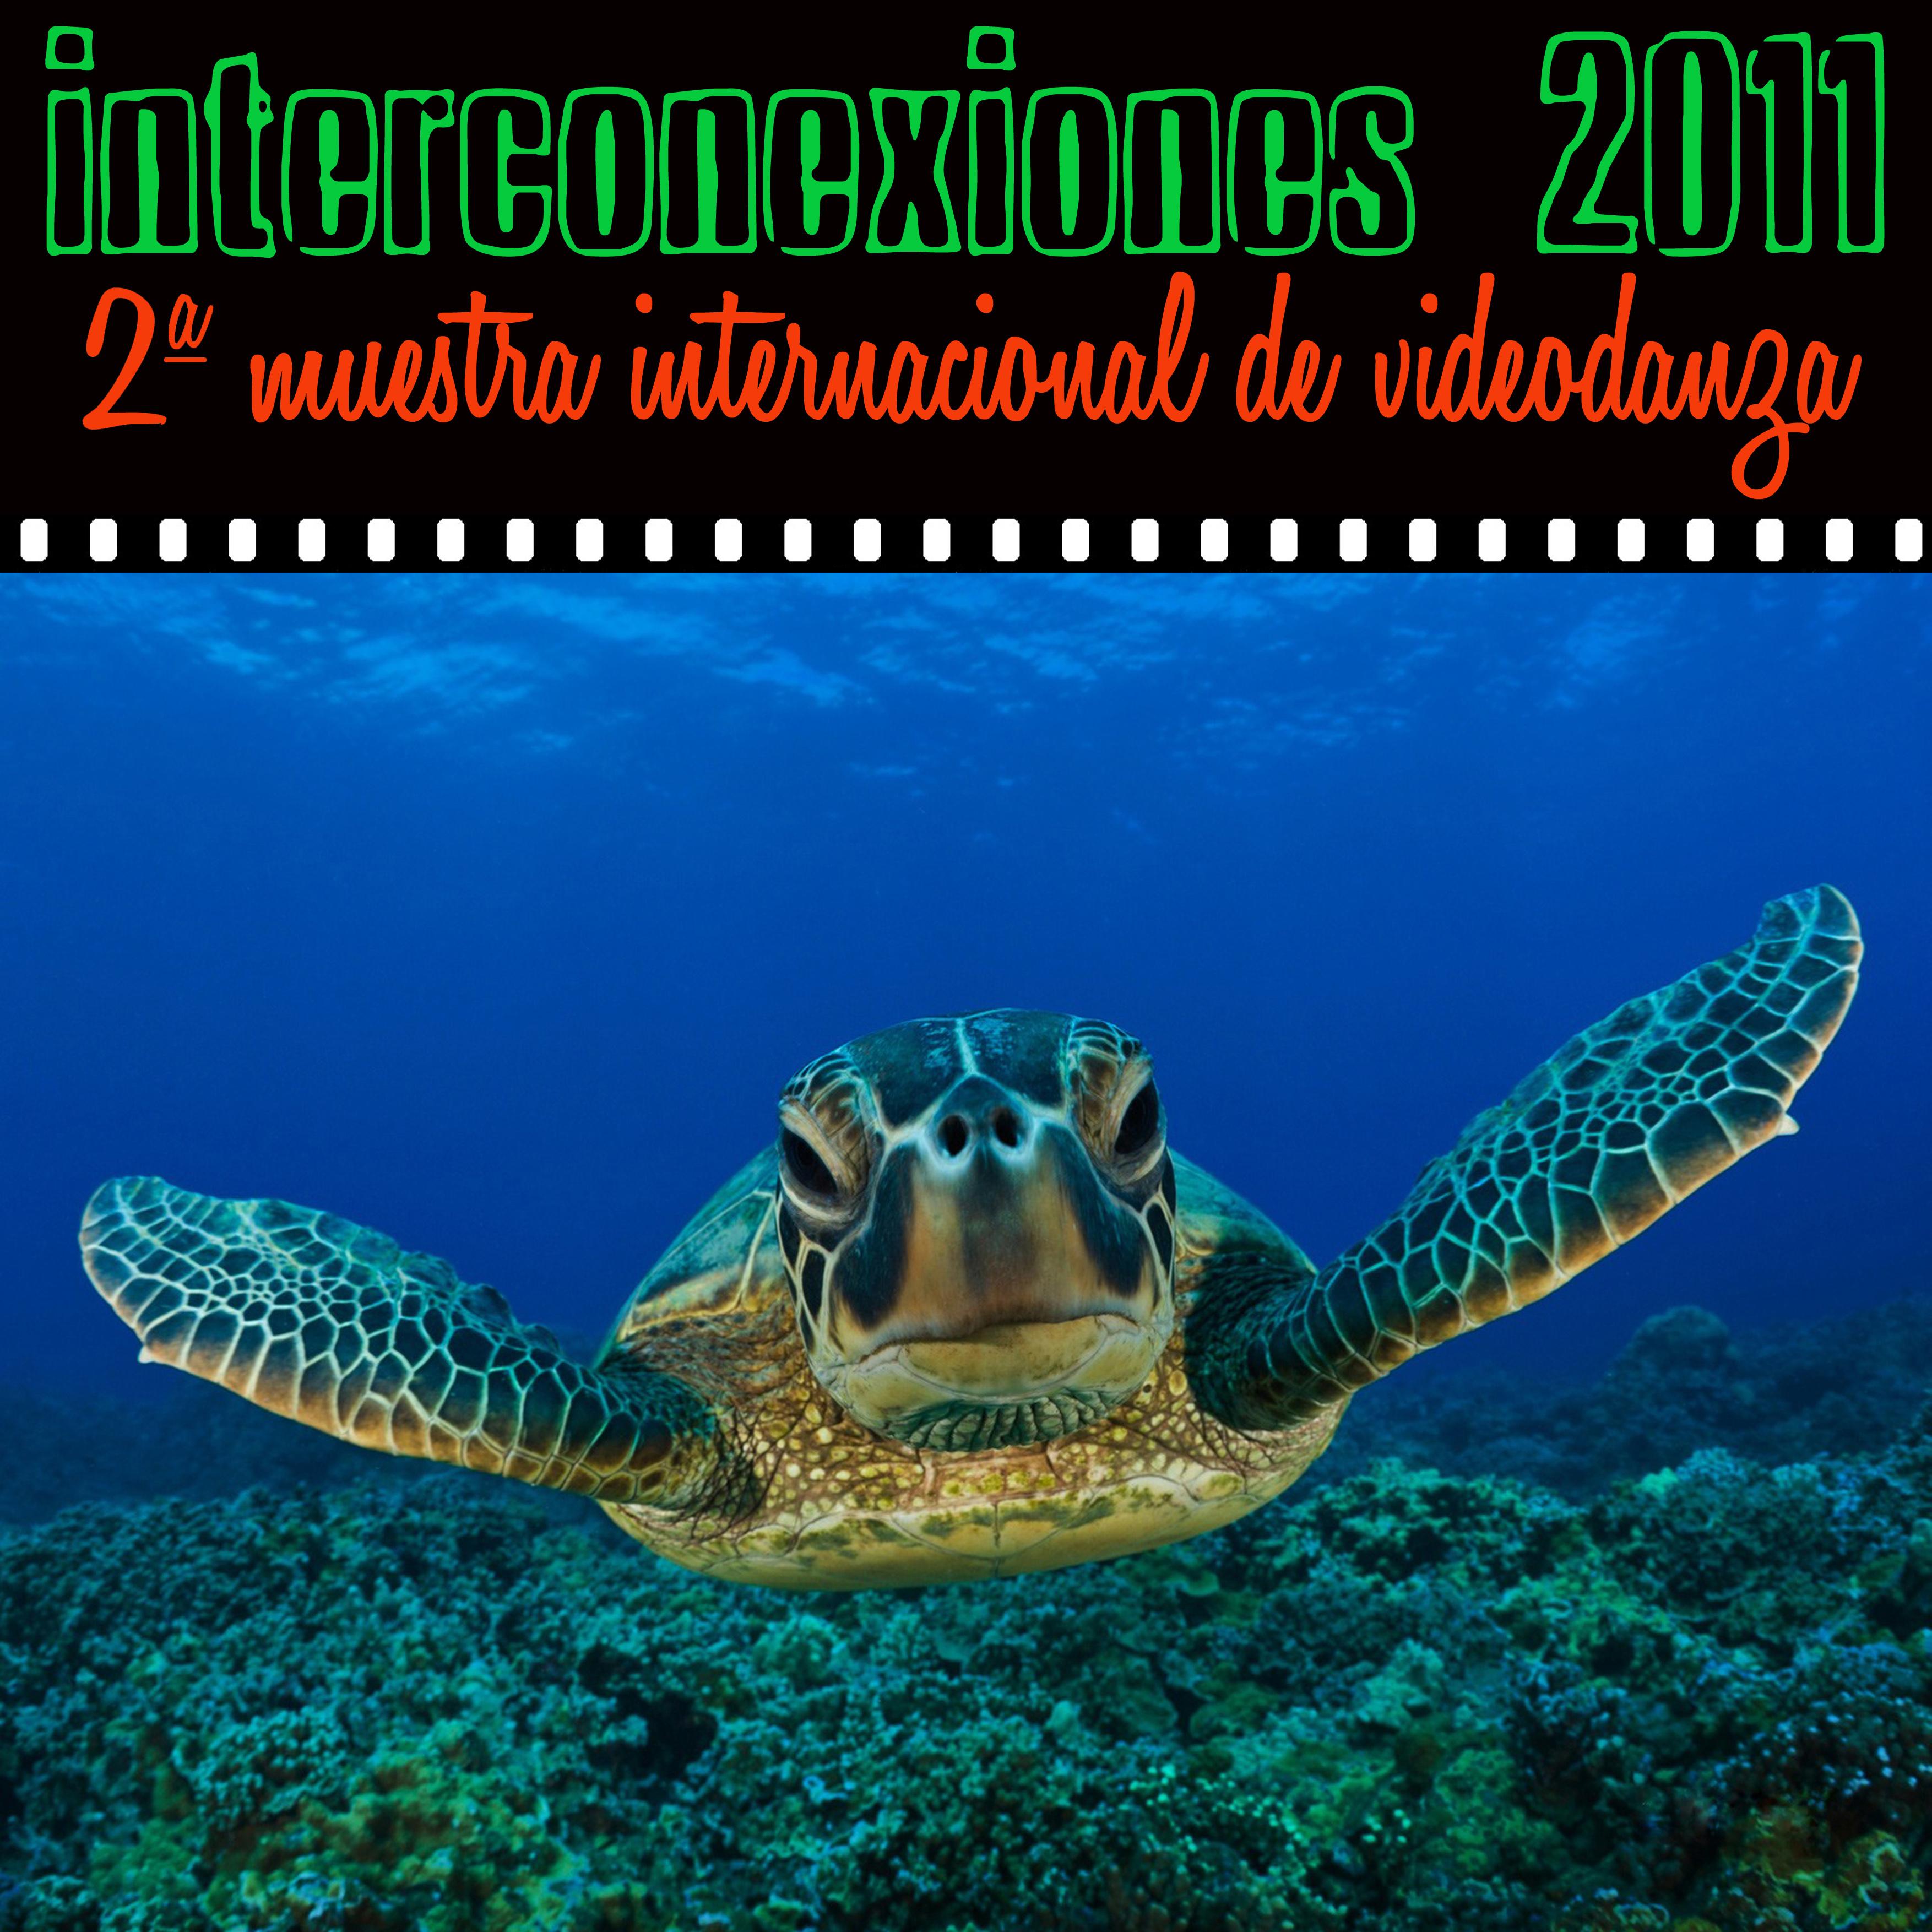 INTERCONEXIONES Videodanza